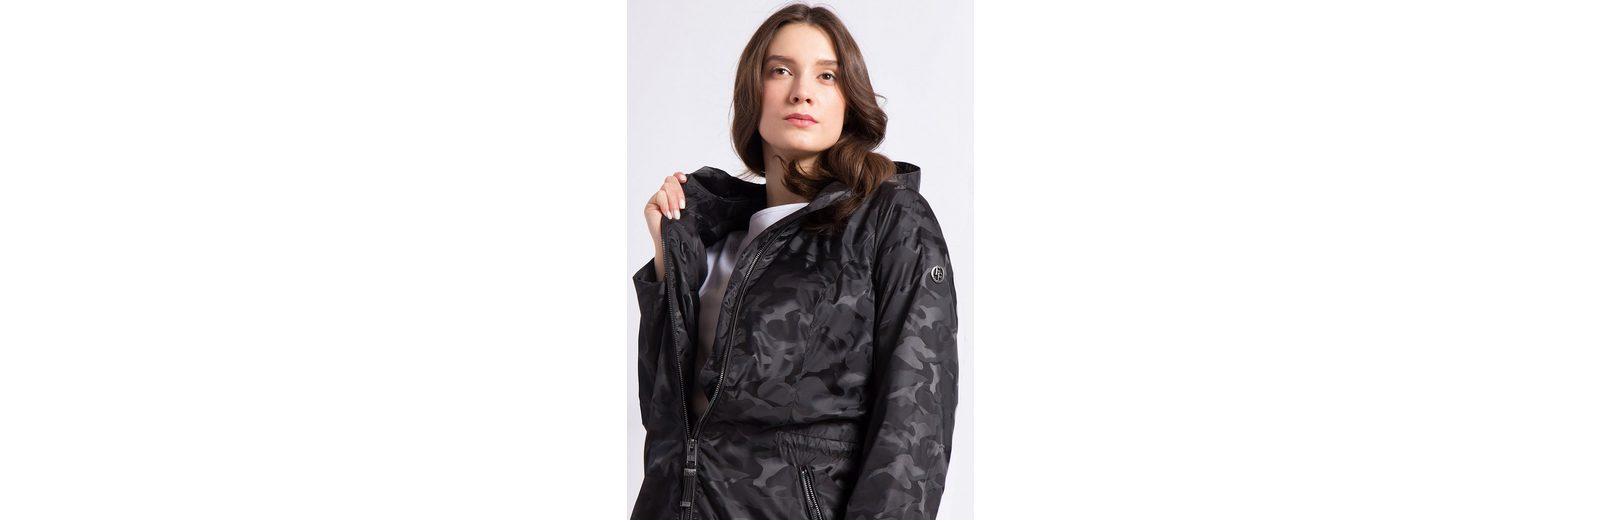 Günstig Kaufen Brandneue Unisex Finn Flare Jacke für die kühle Übergangszeit Steckdose Neuesten Offizielle Online Zuverlässig Günstiger Preis gBlytzIdk